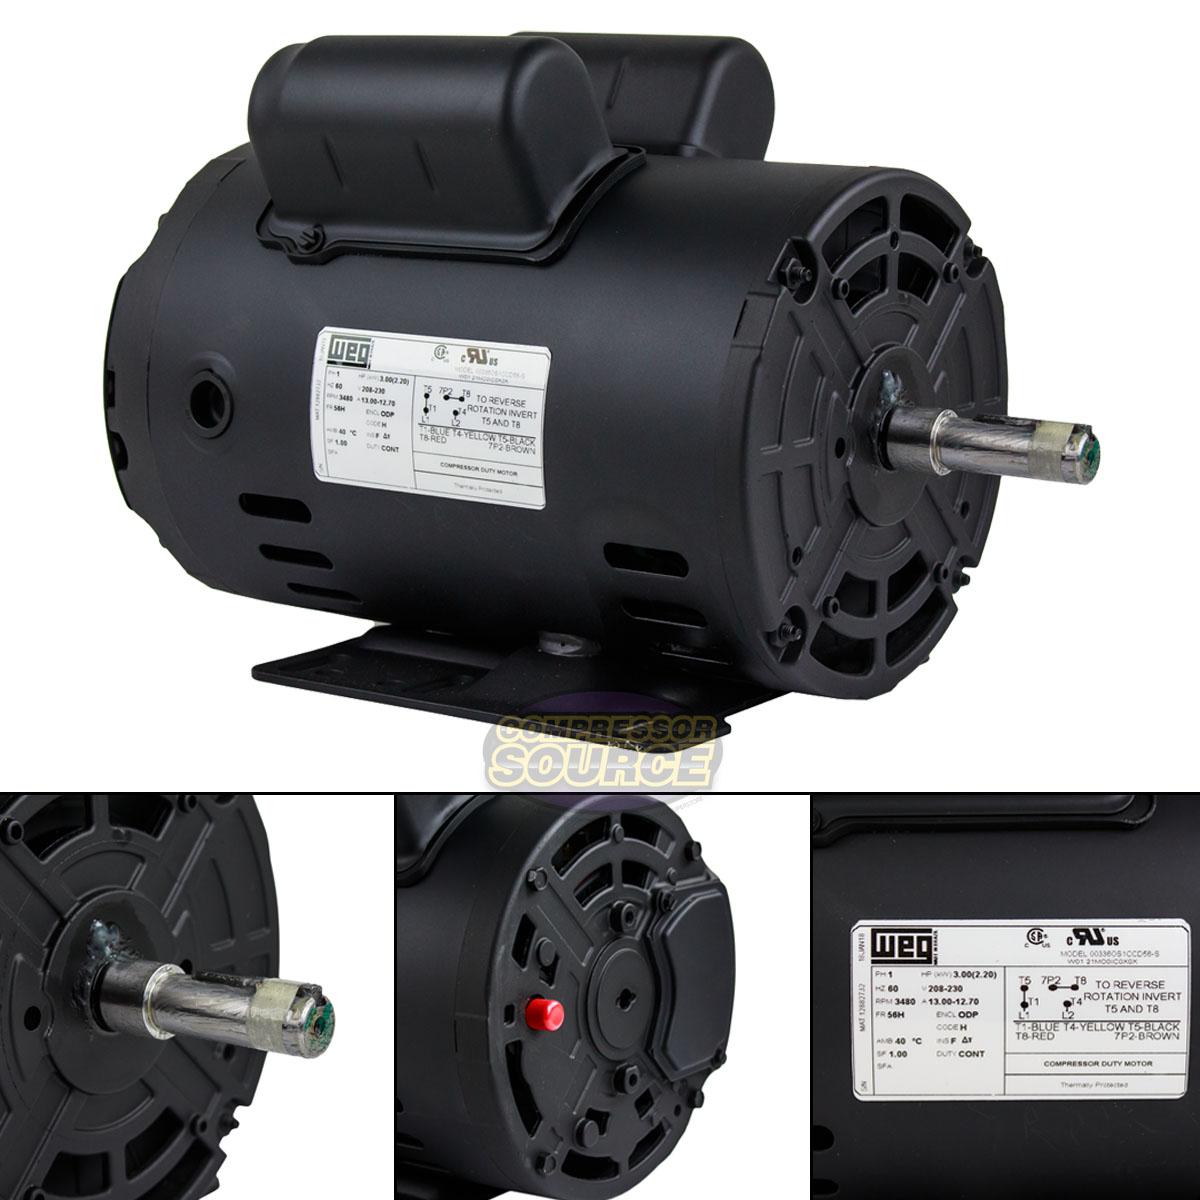 Weg 7 5 Hp Motor Wiring Diagram. Weg Motor Capacitor Wiring ... Dayton Electric Motors Capacitor Wiring Diagram on